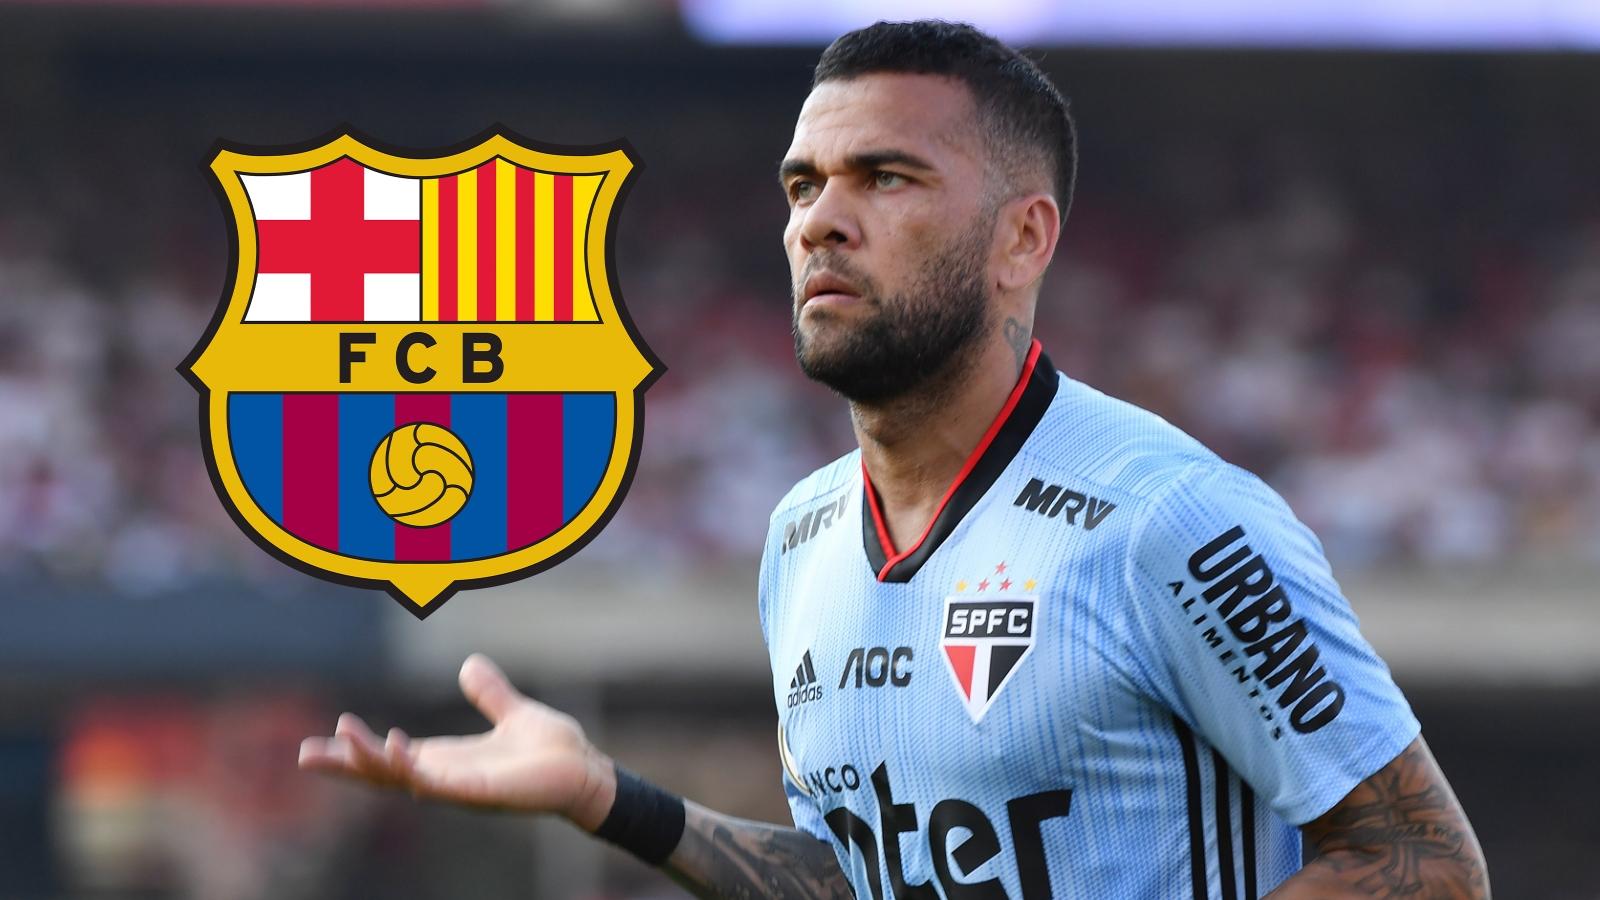 Alves đang là cầu thủ sở hữu nhiều danh hiệu nhất mọi thời đại